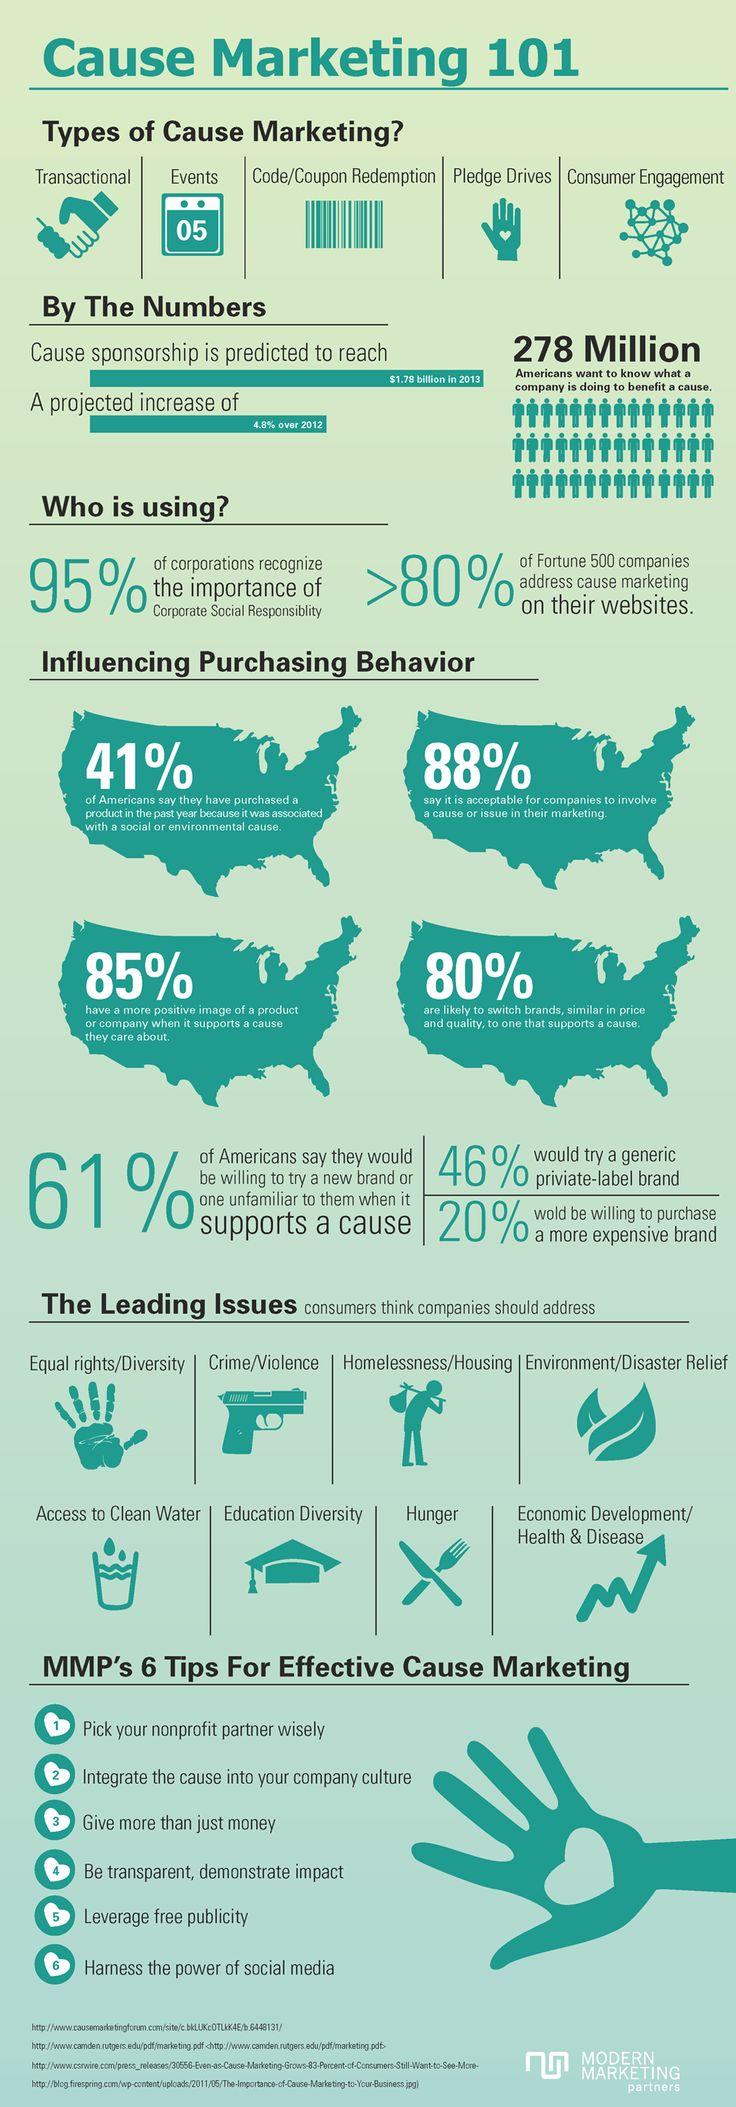 CSR & Cause Marketing Case Studies | Cone — Cone ...